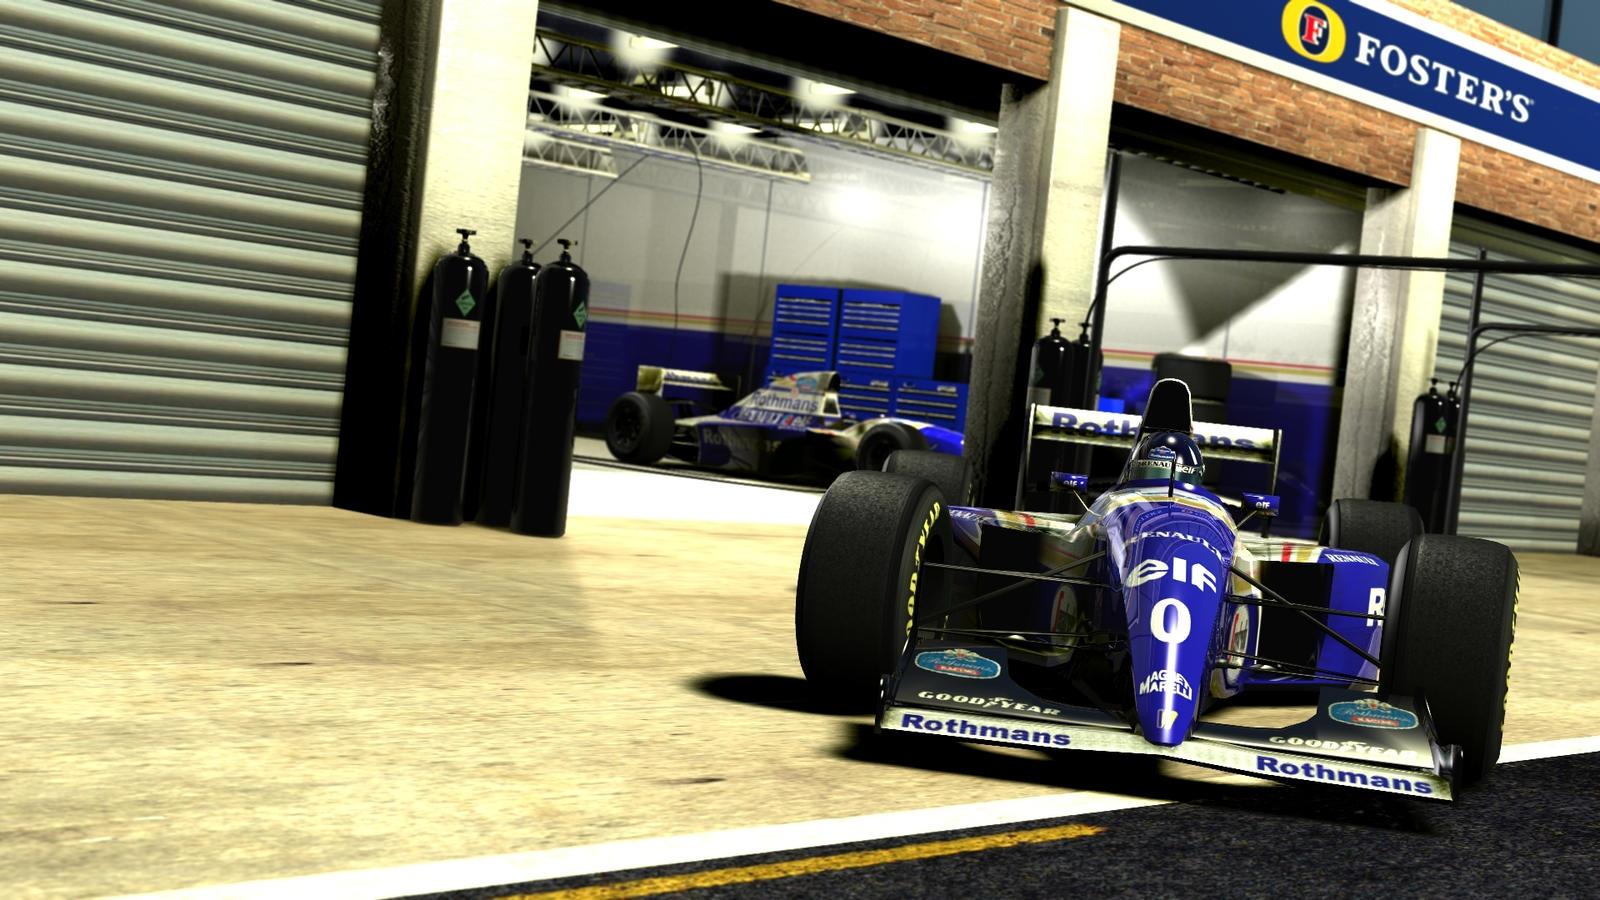 Williams F1 94 Damon Hill By Razor Rebus